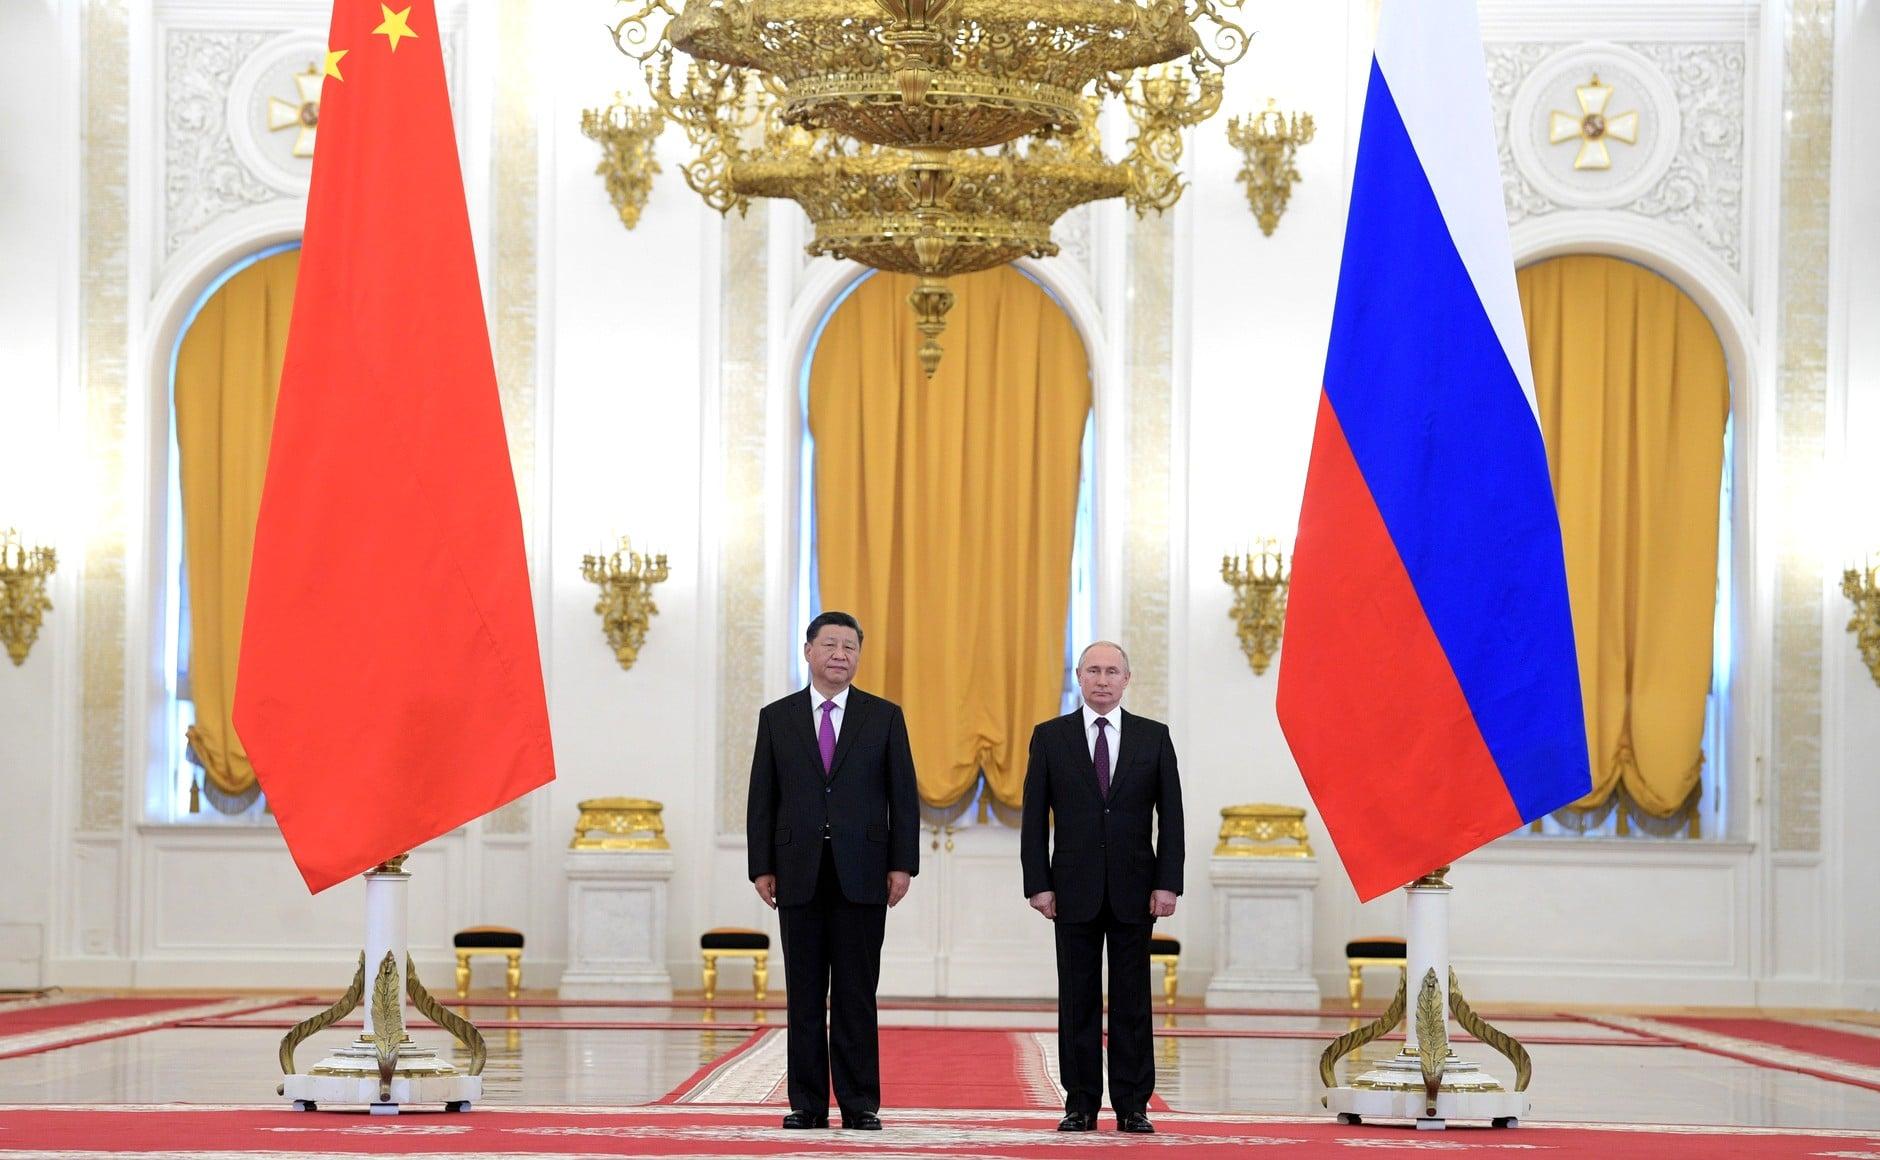 Bírálta a Pekinggel szembeni amerikai vádakat az orosz és a kínai elnök